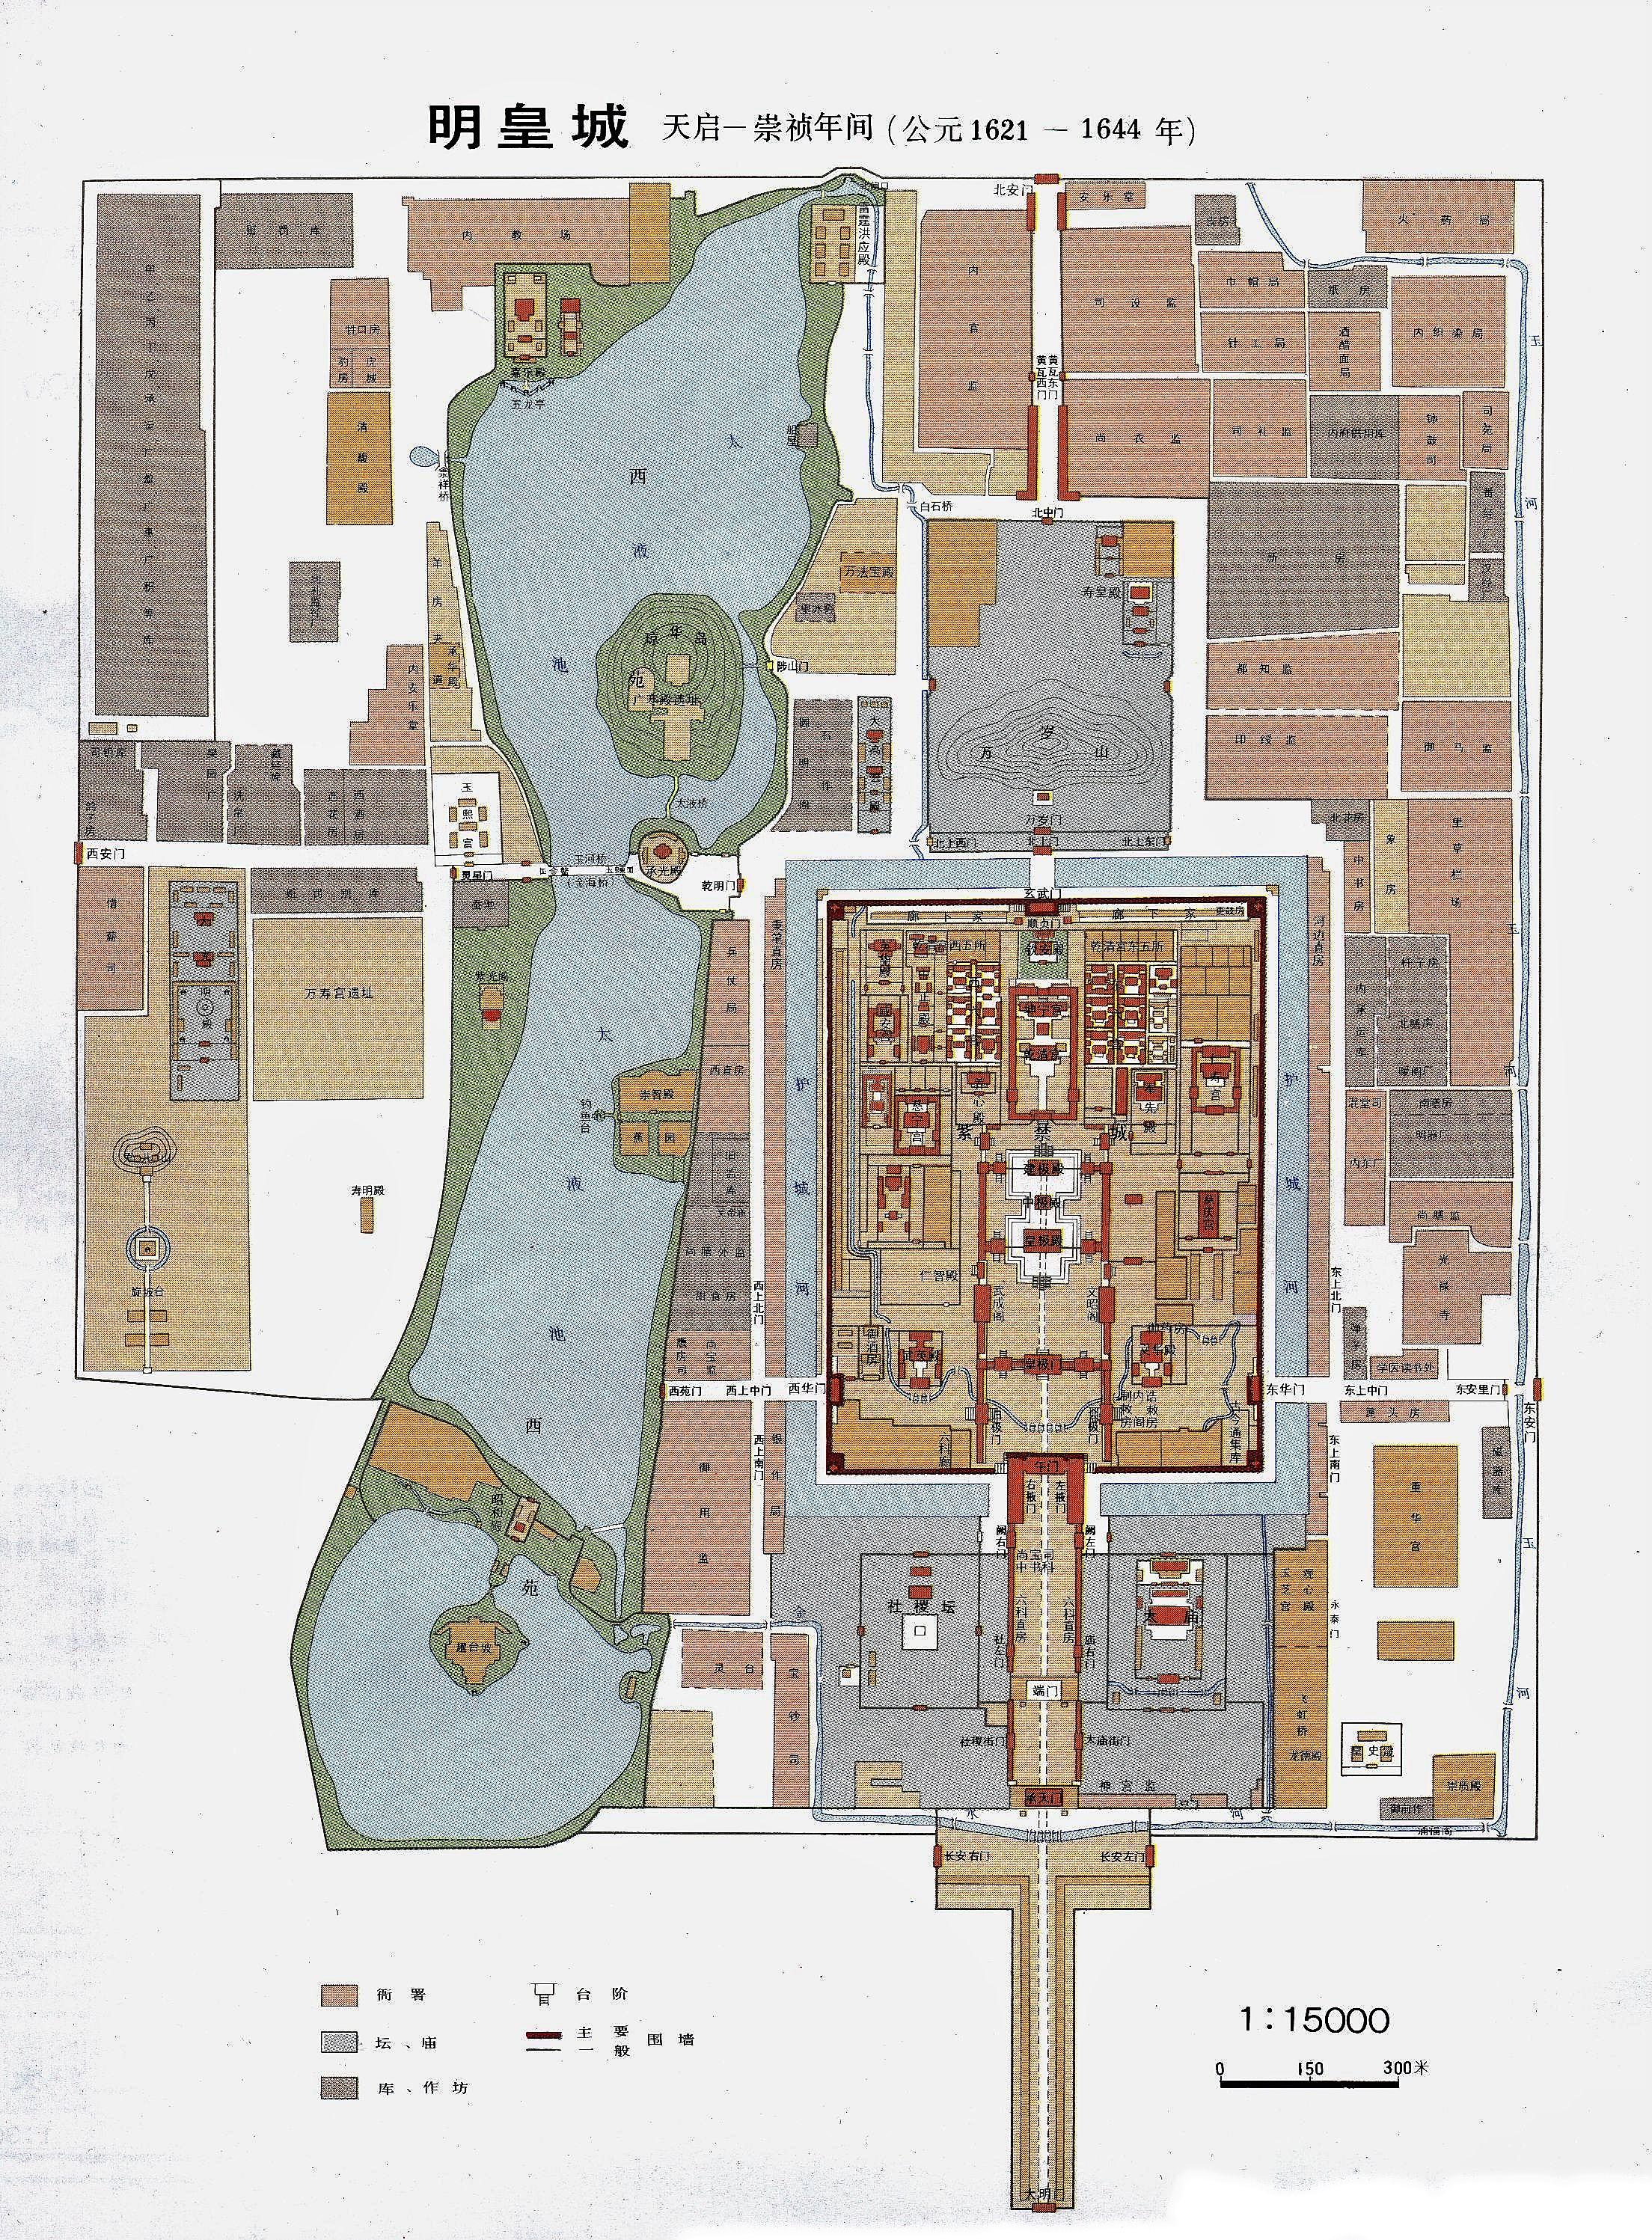 紫禁城平面图高清大图